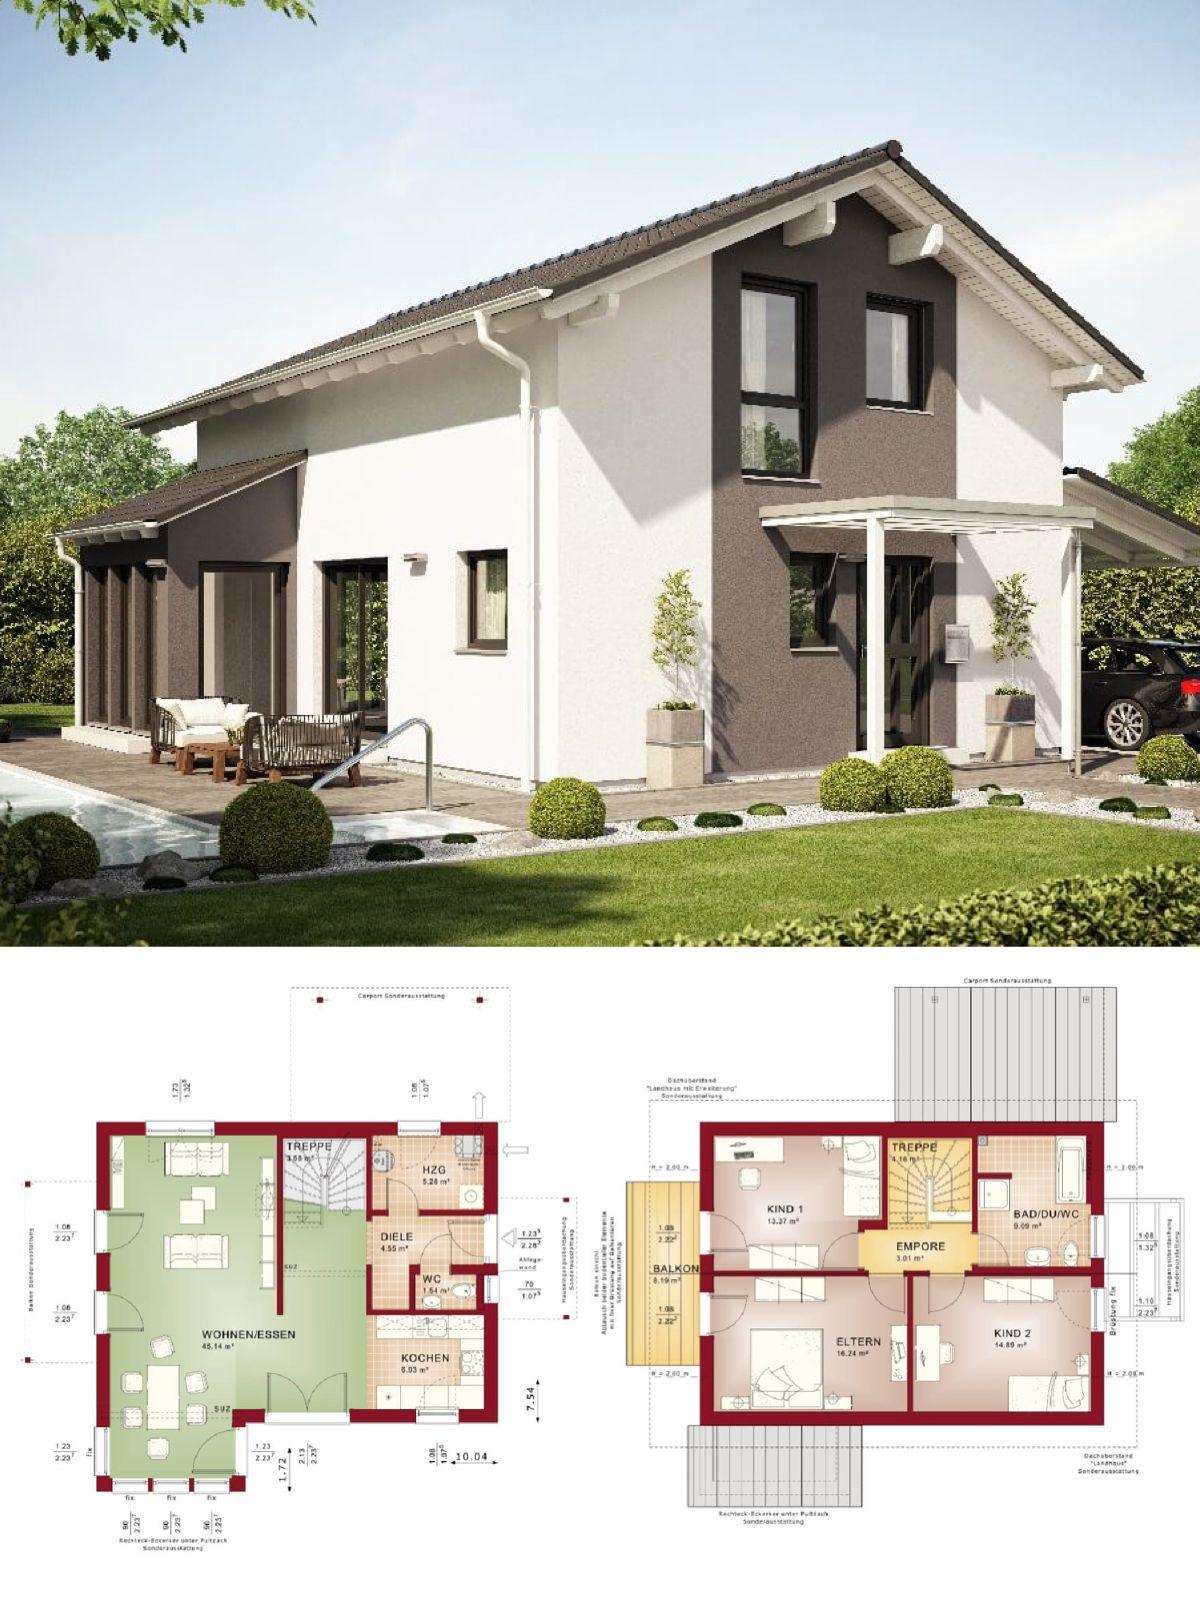 Einfamilienhaus Neubau im modernen Landhausstil mit